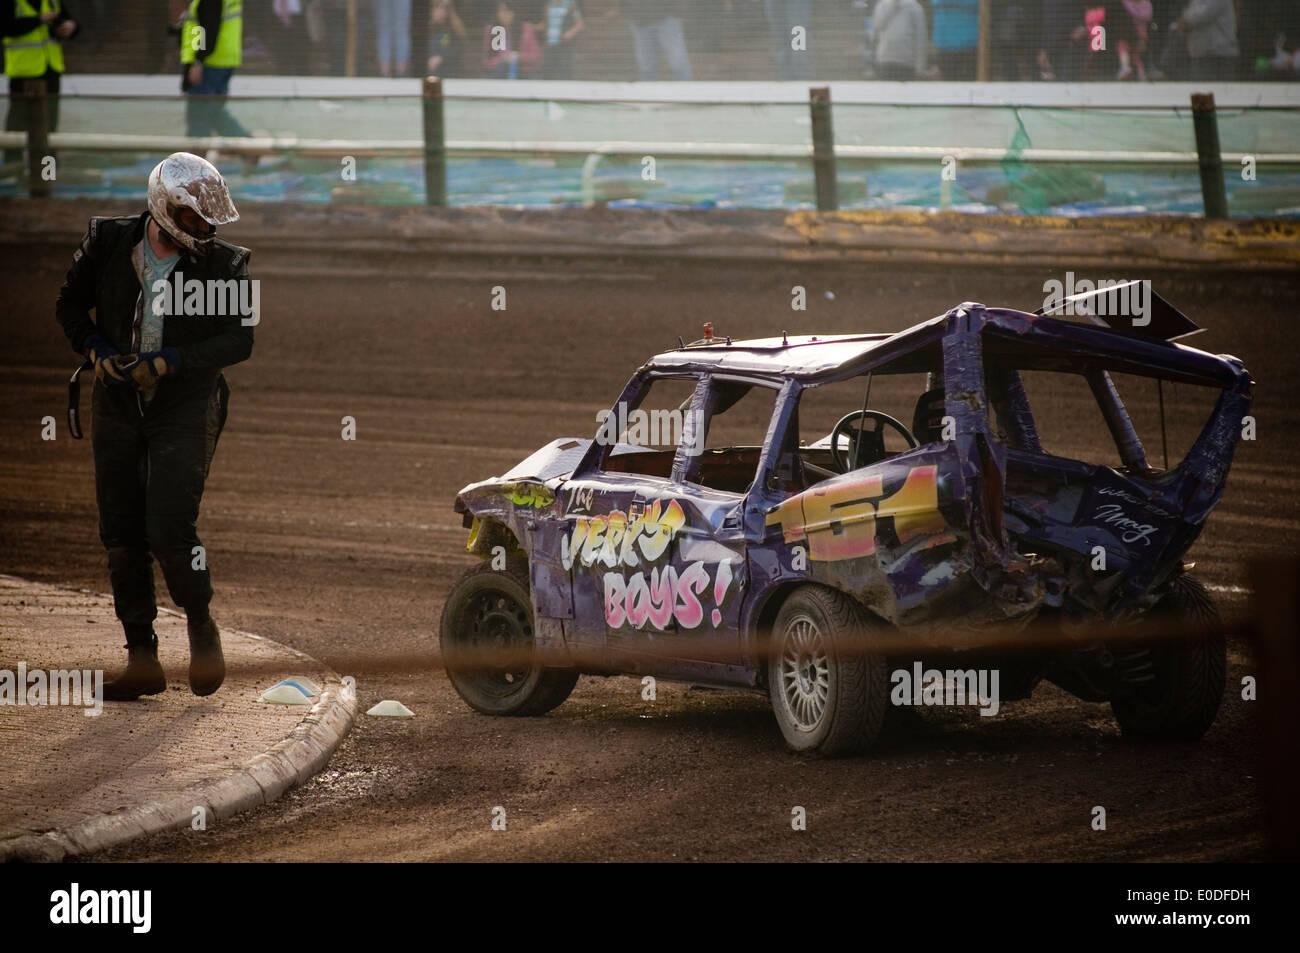 banger racing race races demolition derby derbies destruction old car cars smashed smash up smashing volvo estate driver drivers - Stock Image